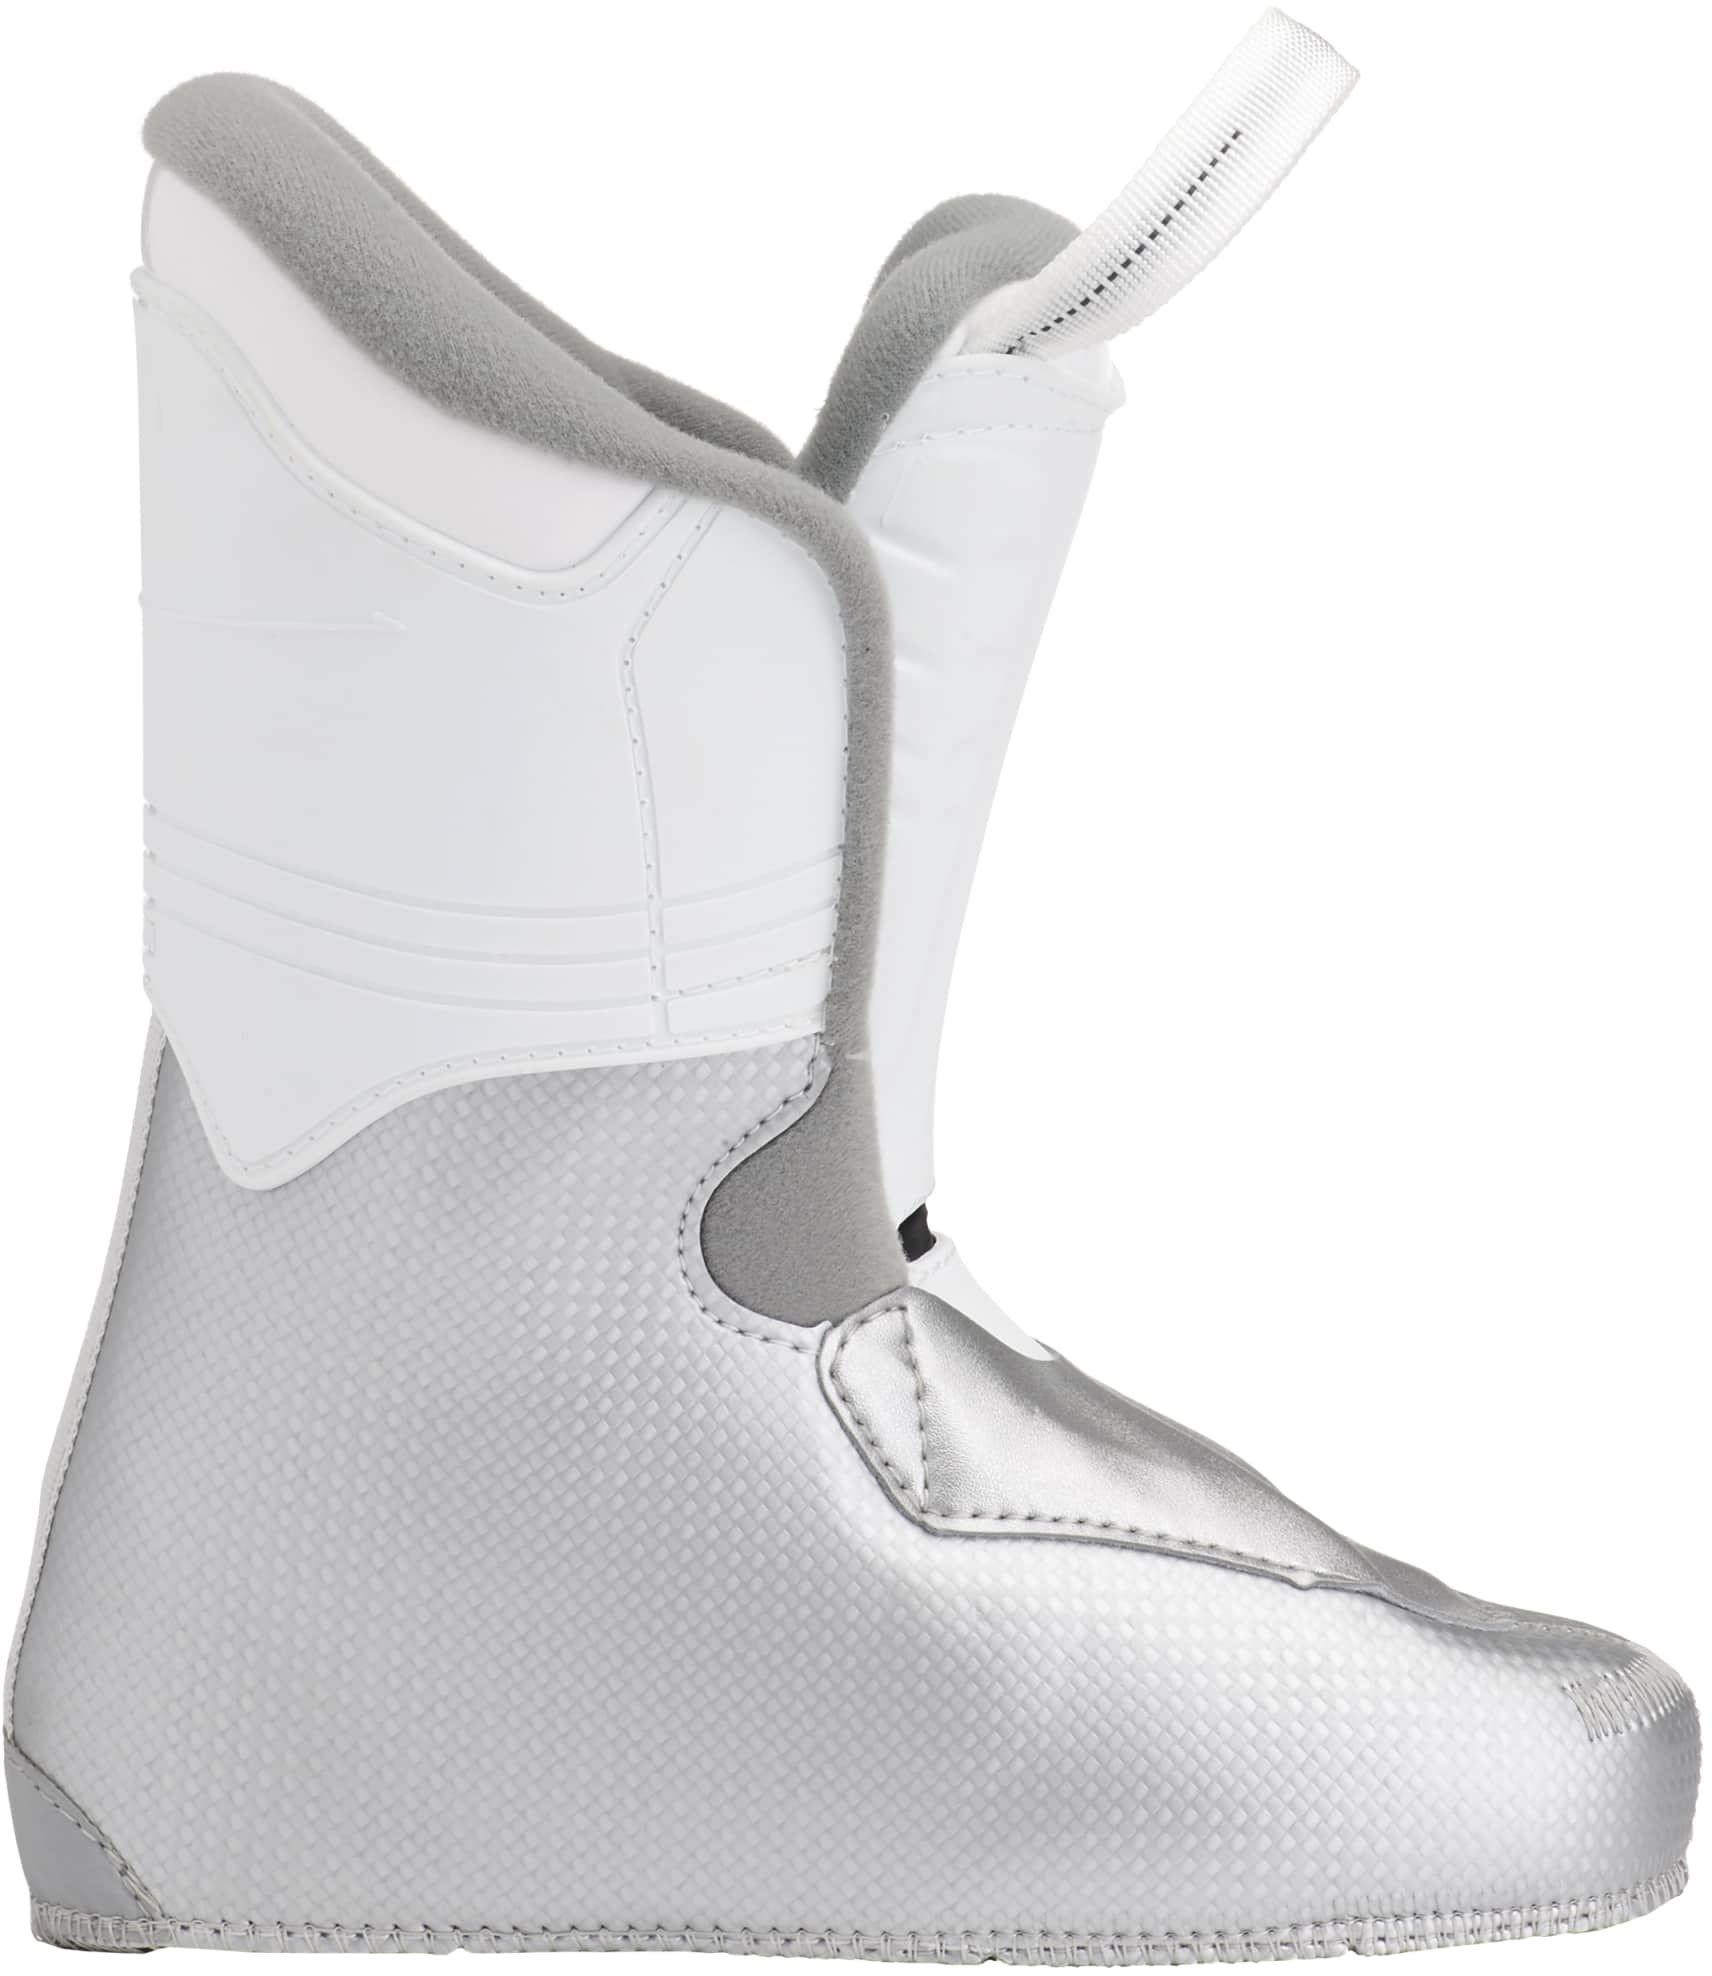 2b70da5d1c8 ... Dětské lyžařské boty Nordica Dobermann GP TJ - white light blue purple